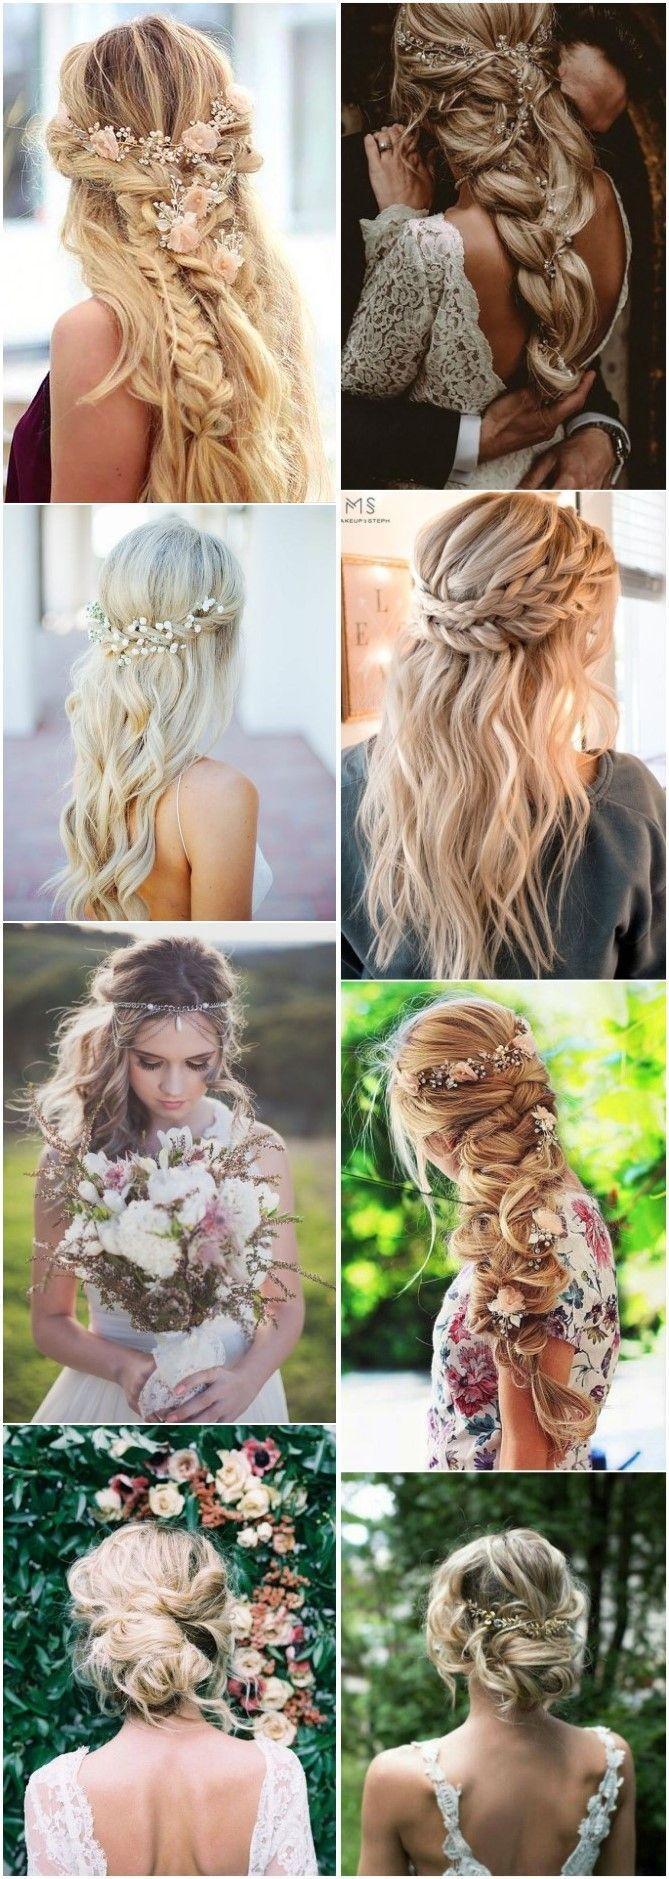 21 BOHO INSPIRIERT Einzigartige und kreative Hochzeitsfrisuren # Frisuren # Mode